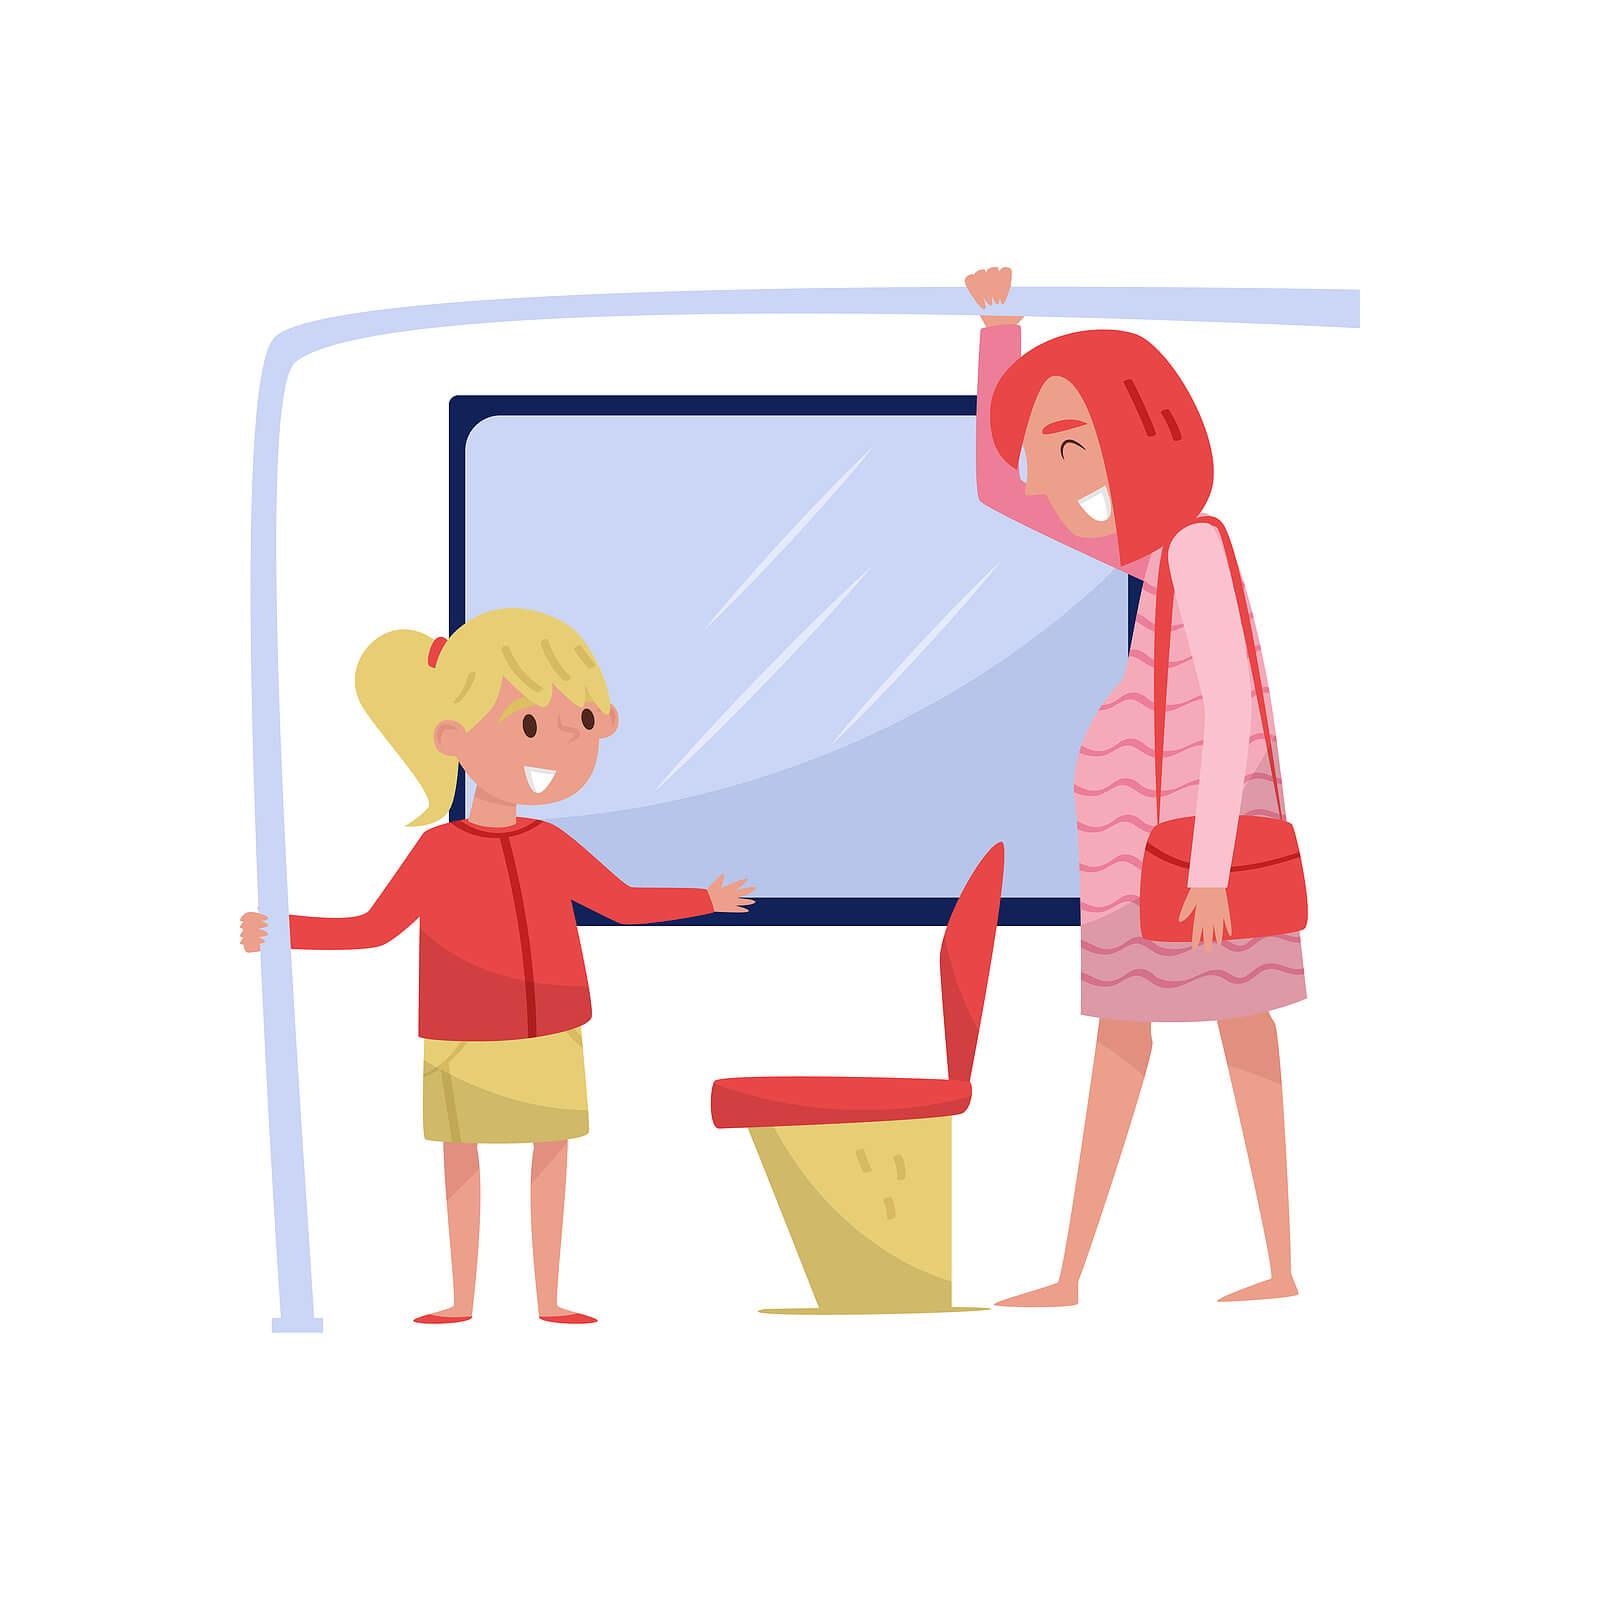 Dibujo de una niña cediéndole un asiento en el autobús a una mujer embarazada como muestra de buenos modales.